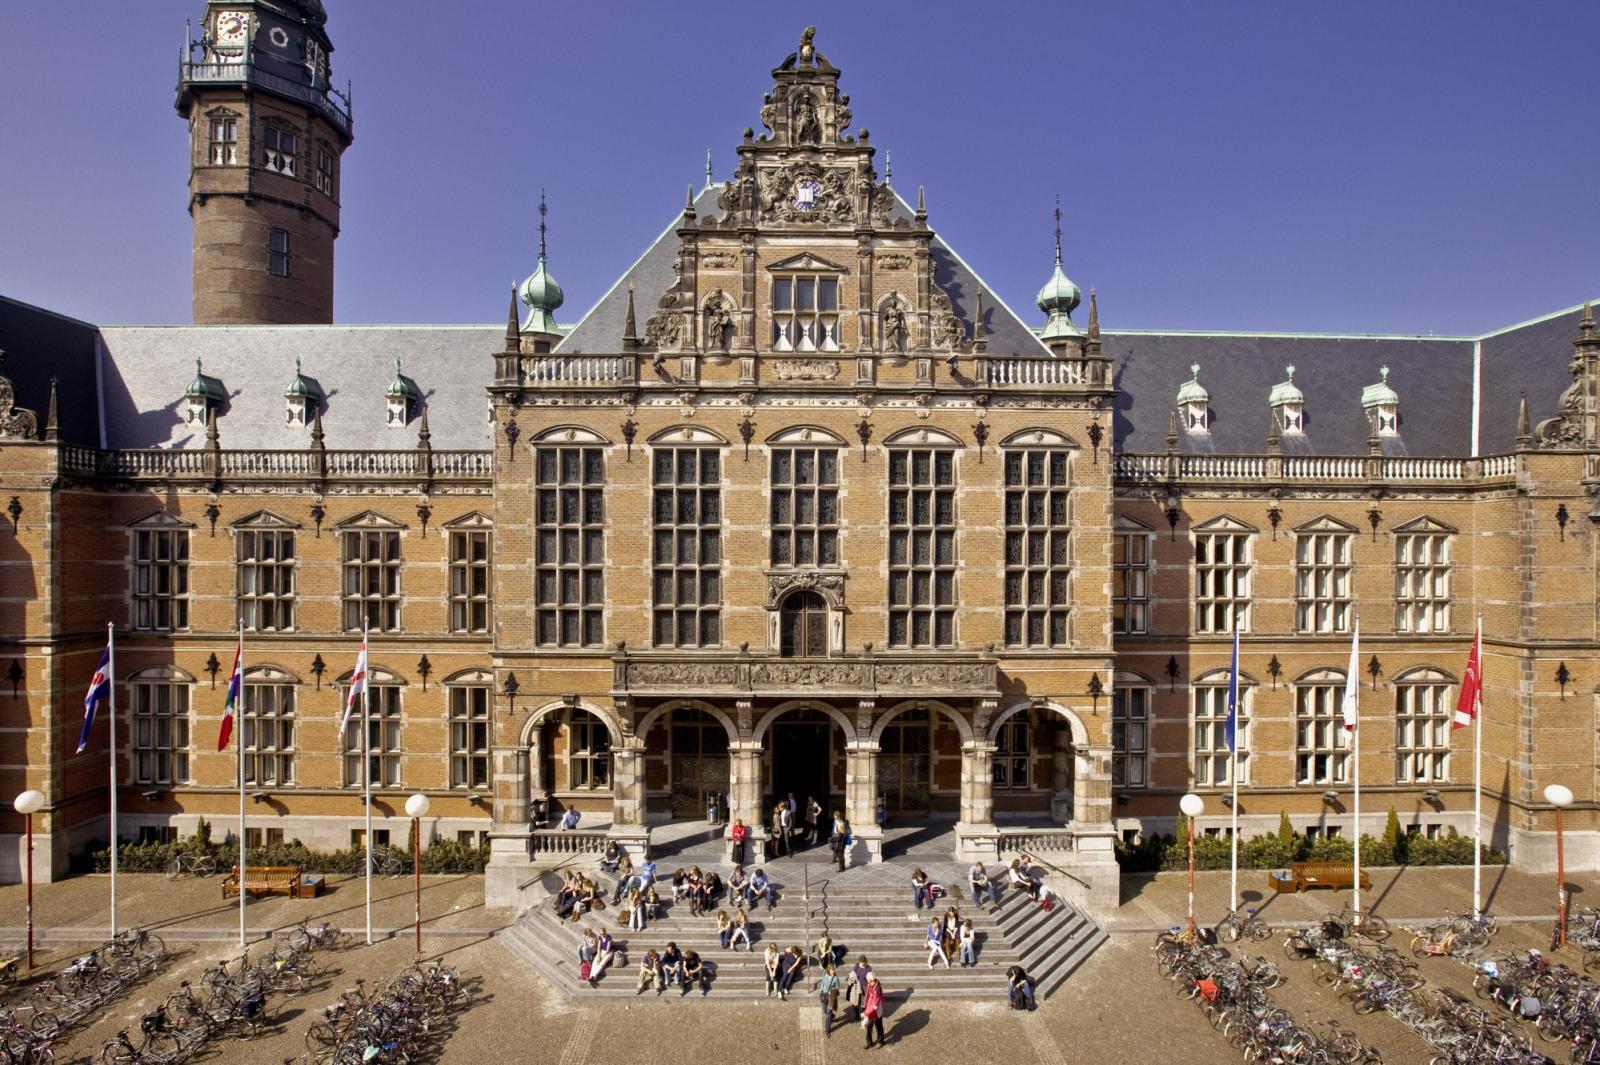 uni_universities_in_netherlands.jpg